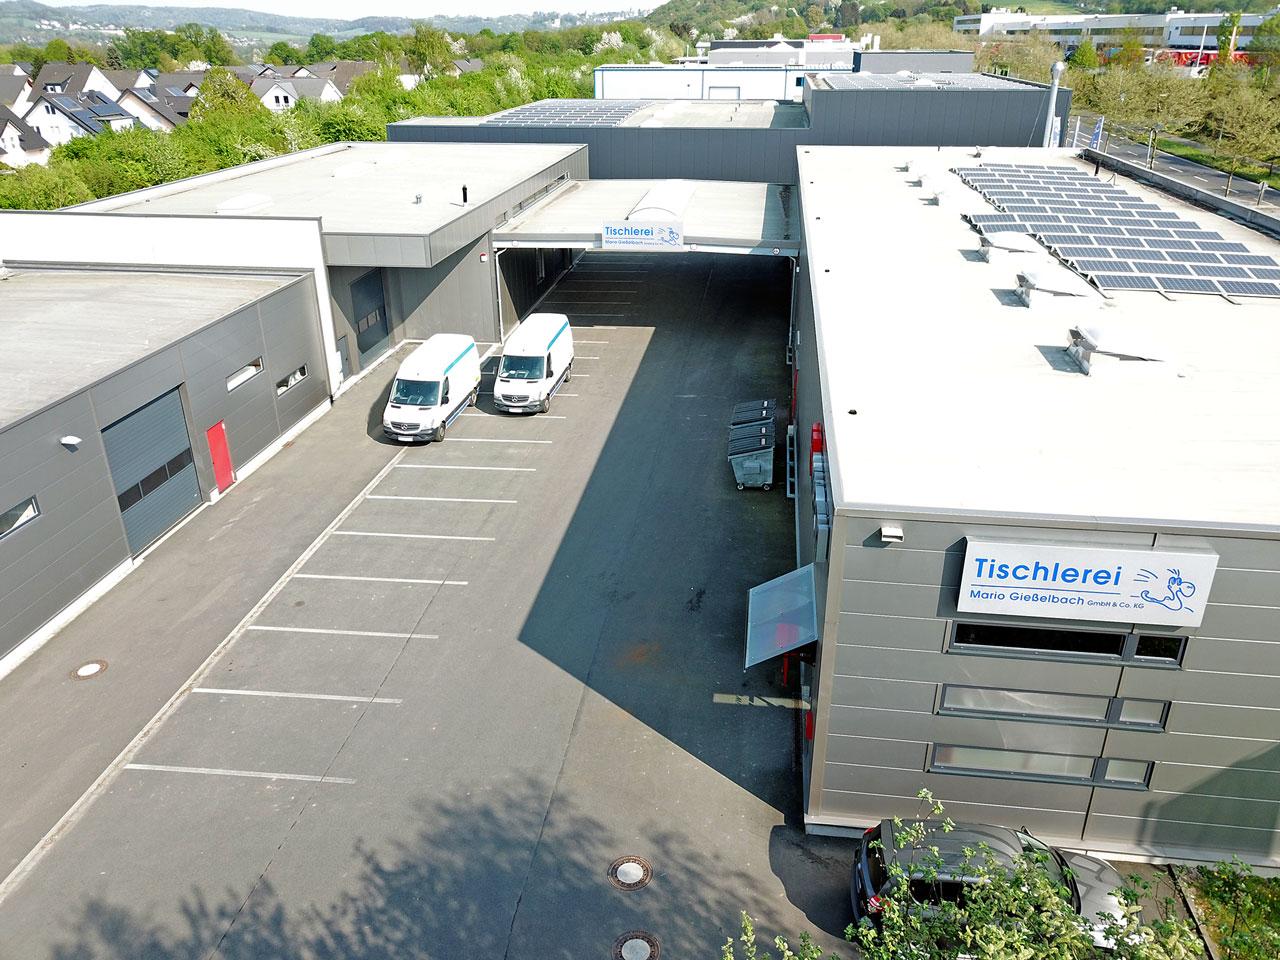 Luftaufnahme Tischlerei Gießelbach Hennef